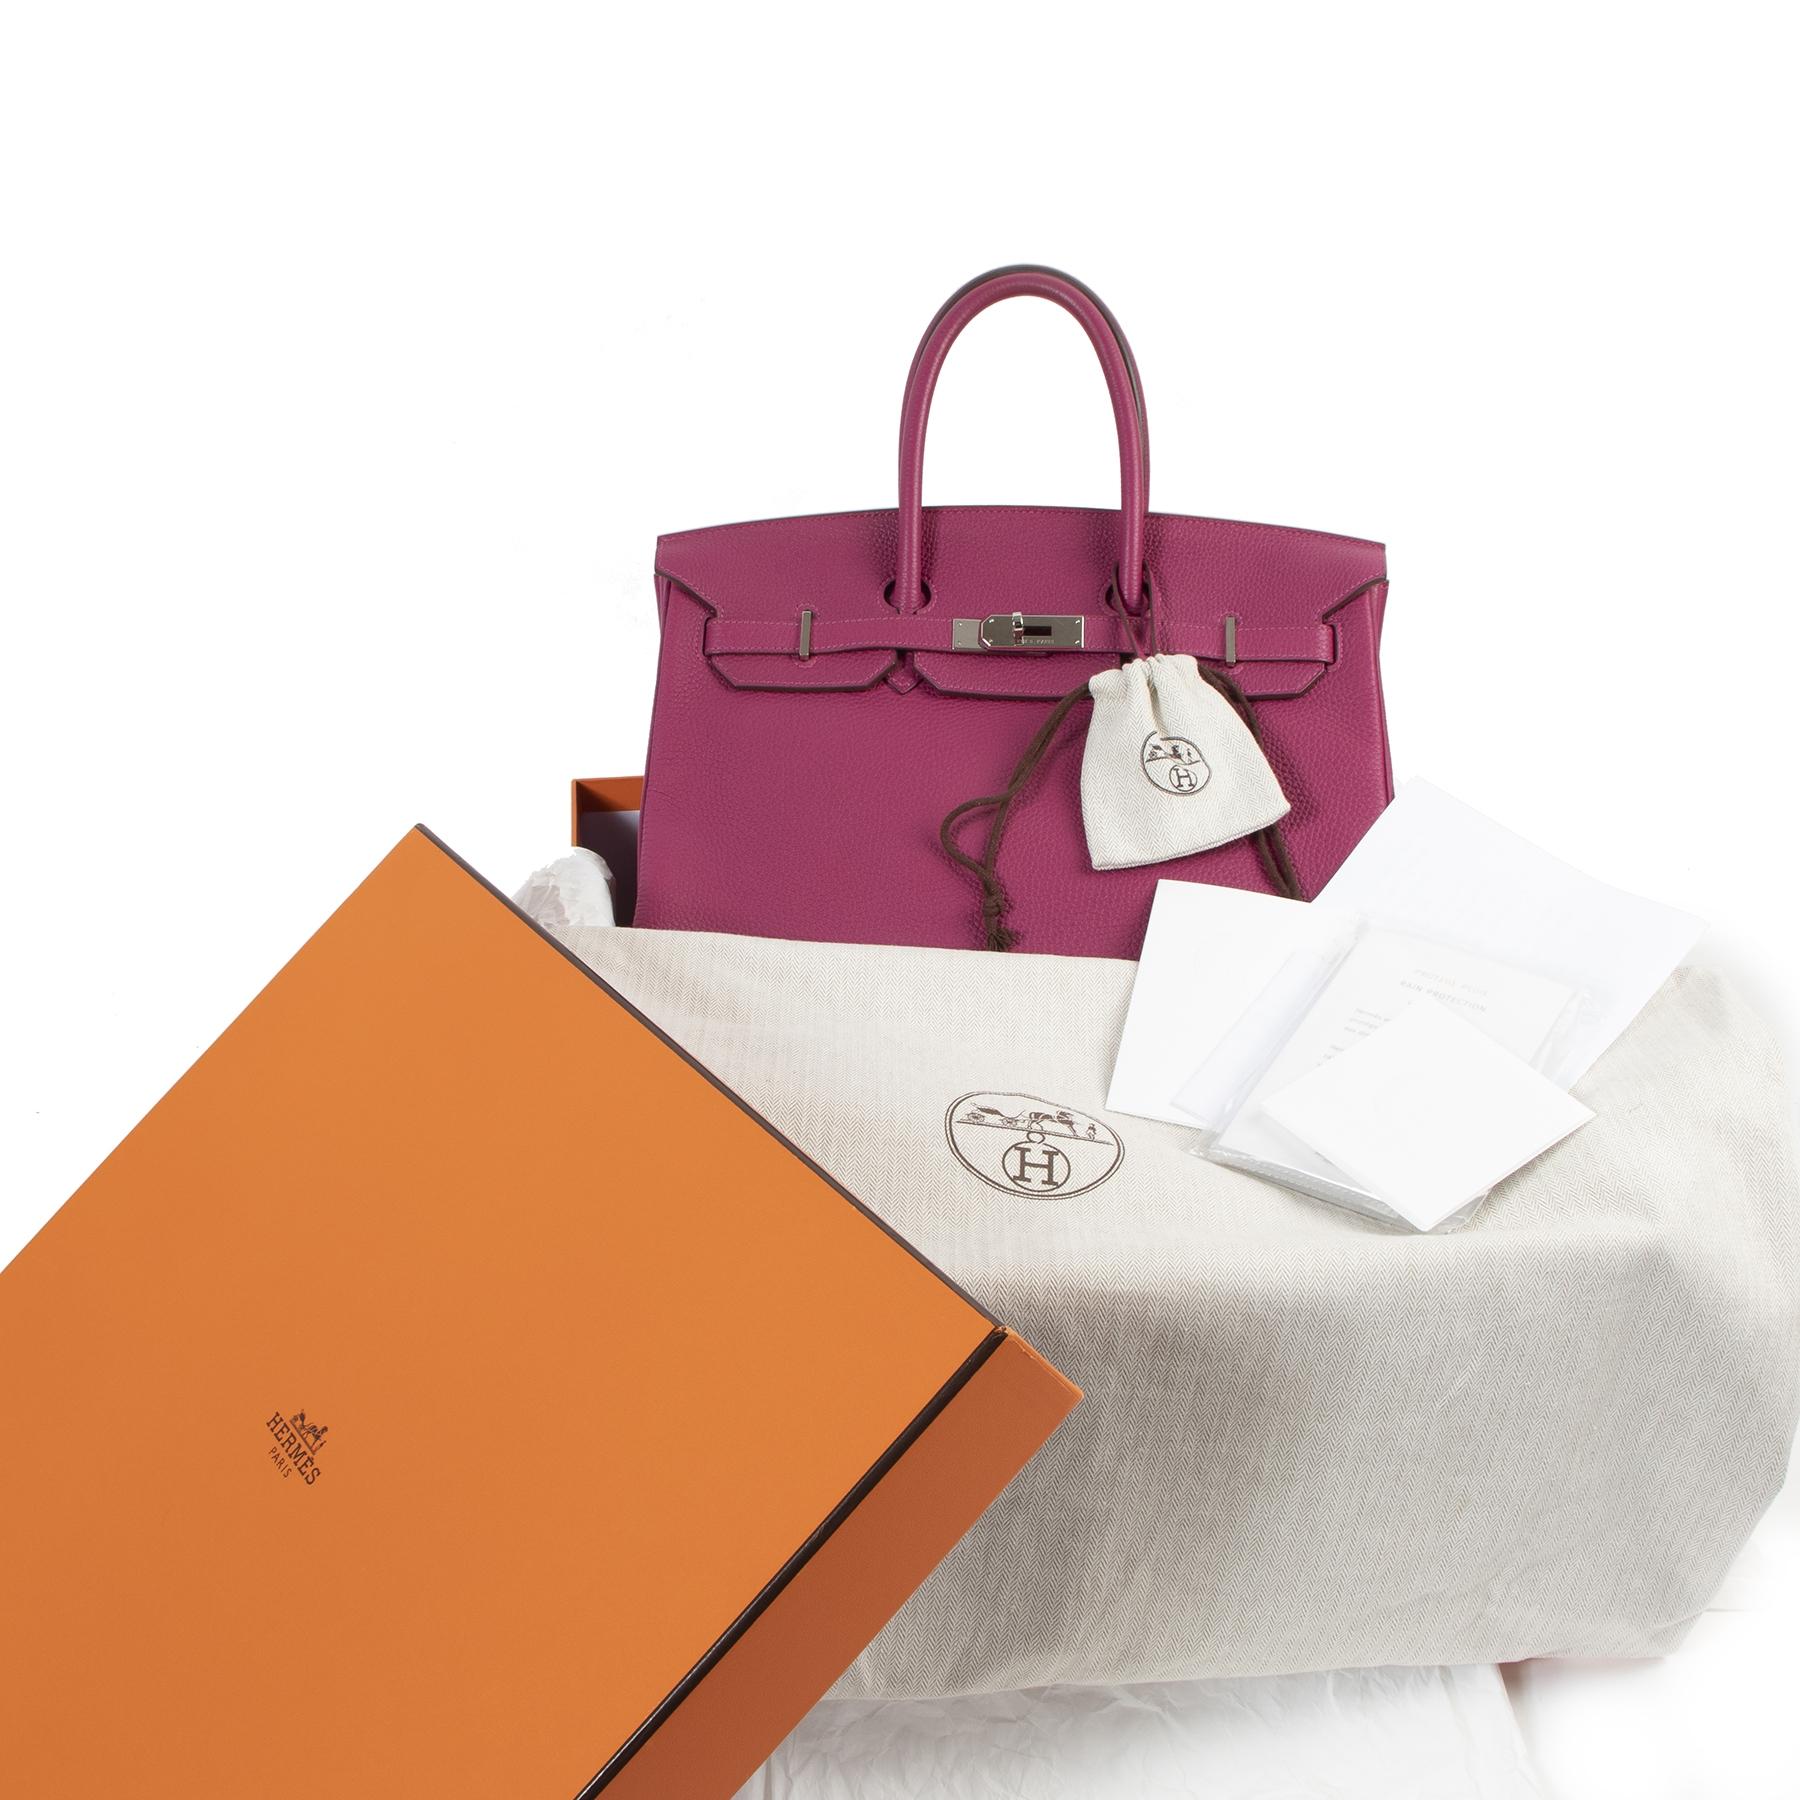 Hermès Birkin 35 Veau Togo Tosca PHW for sale at Labellov secondhand luxury. Kopen en verkopen aan de beste prijs.